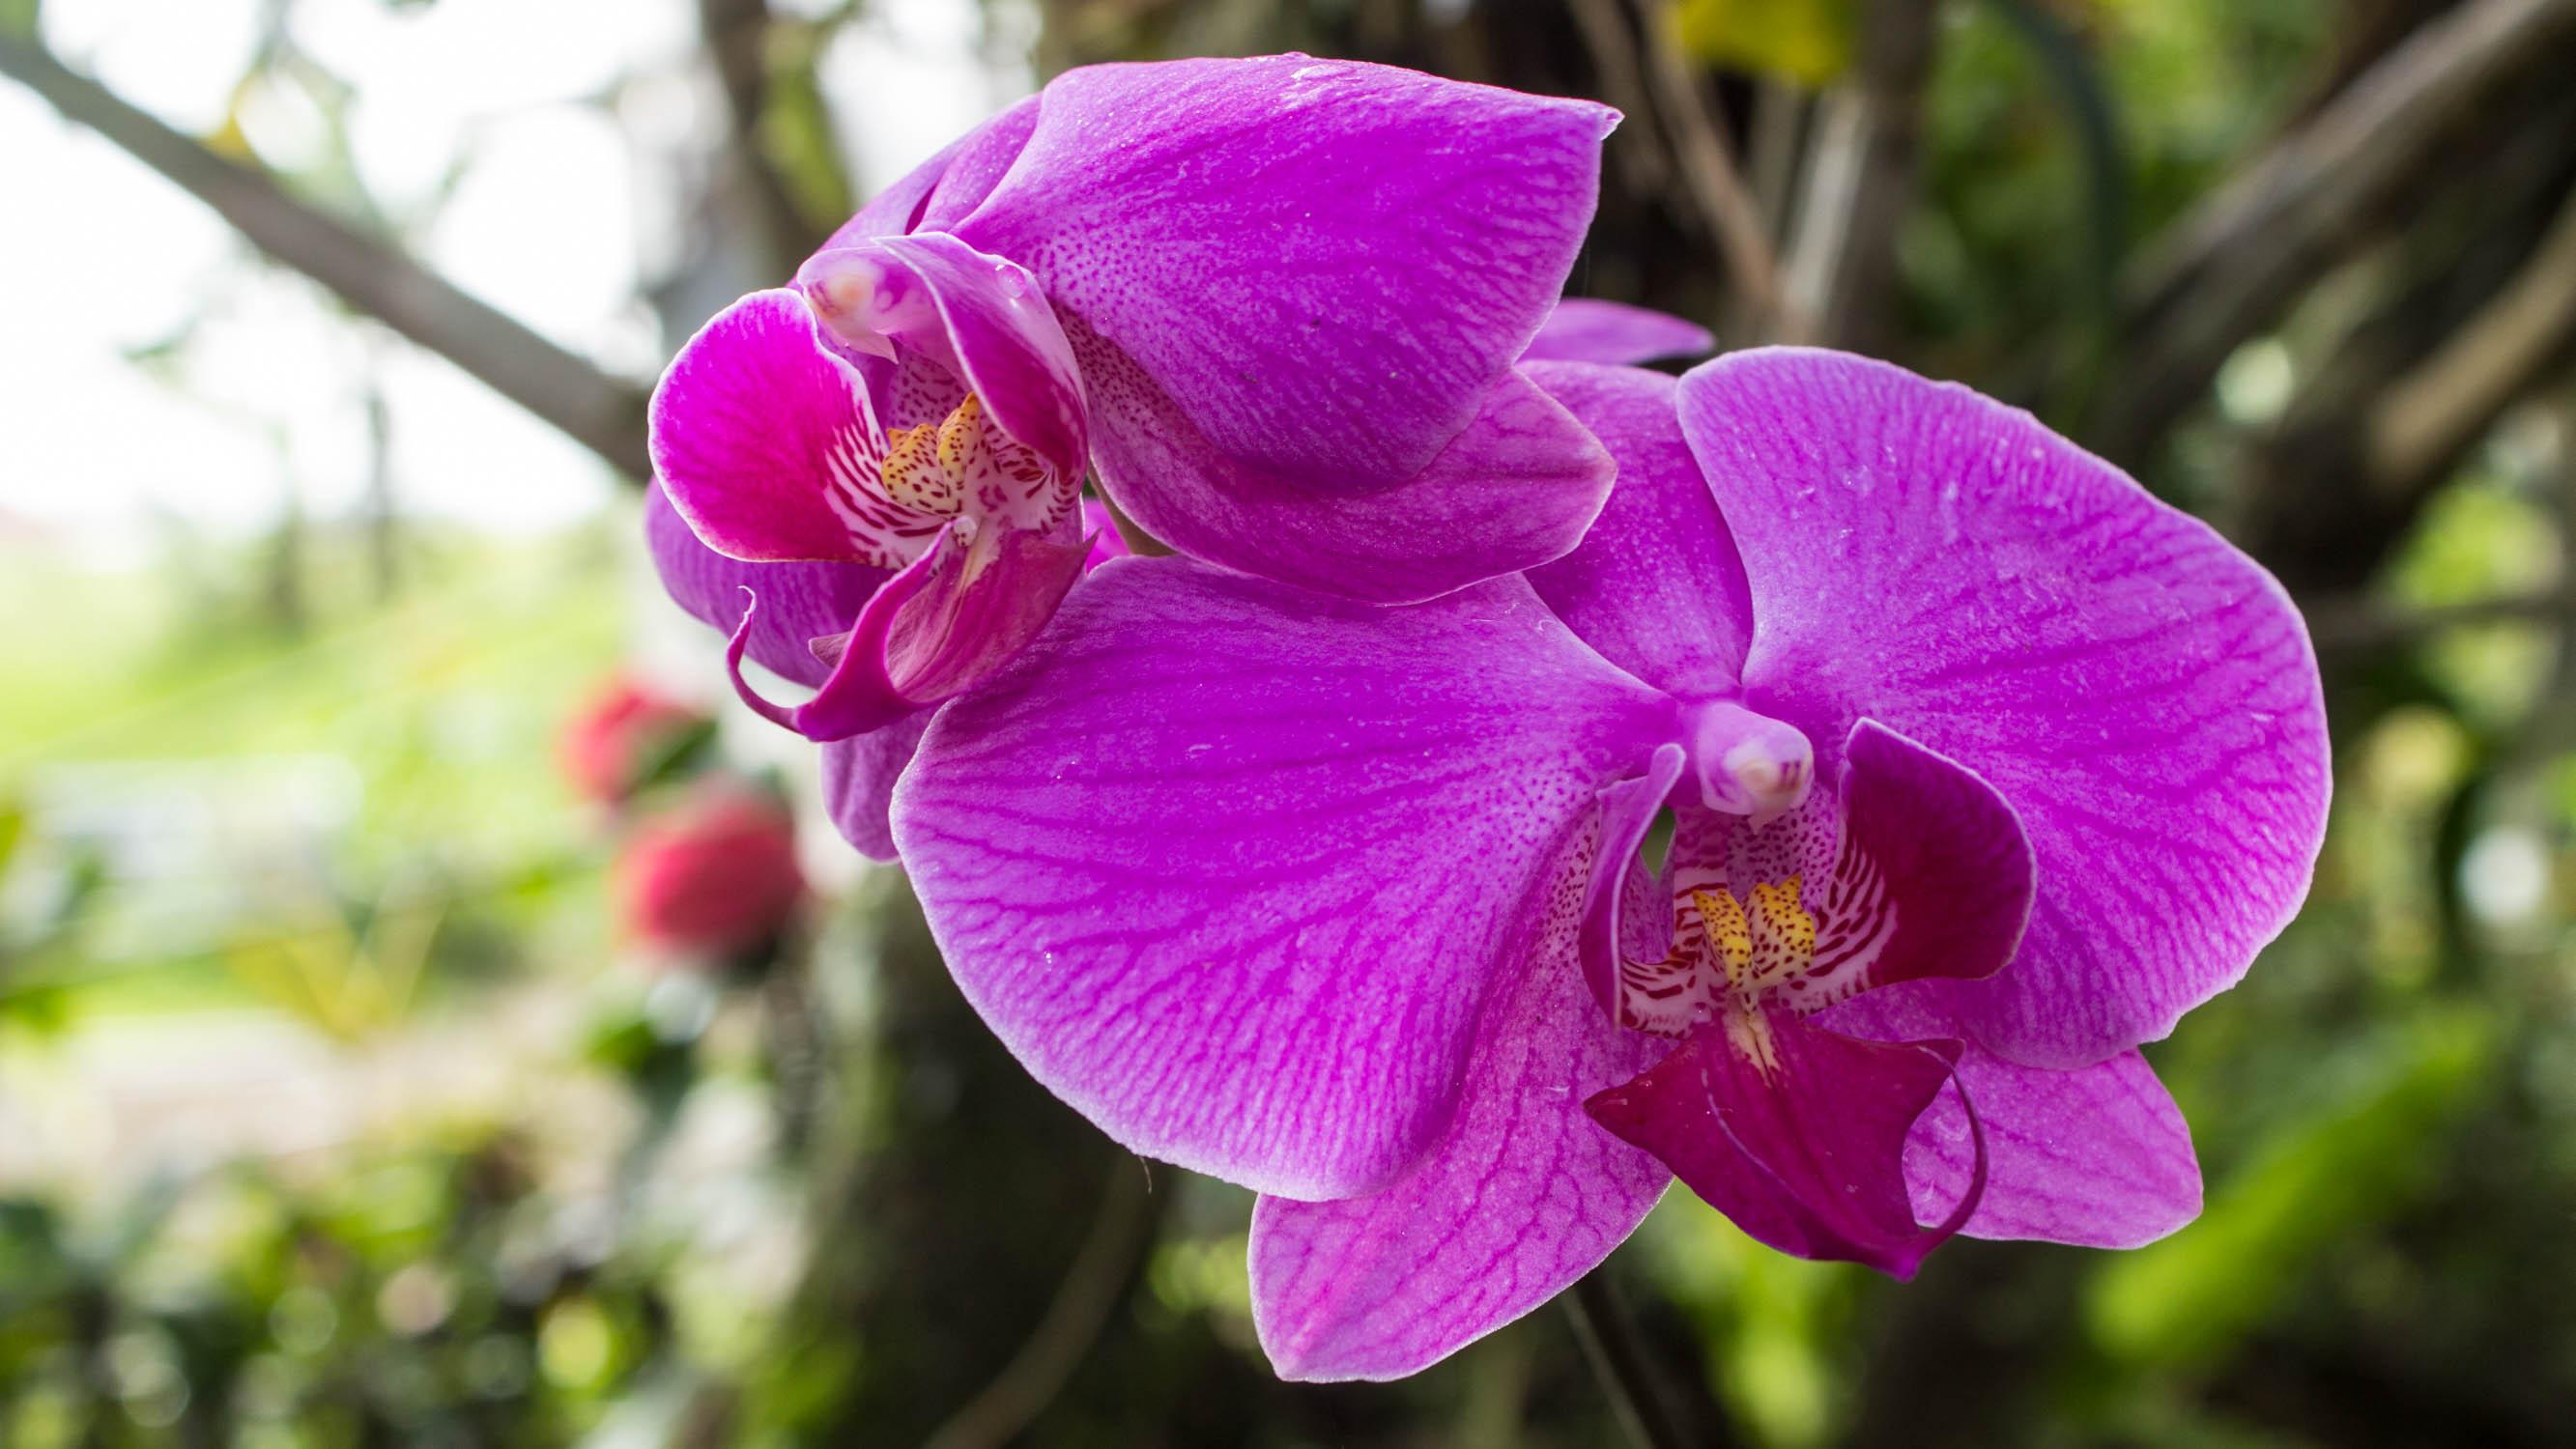 Berkas Anggrek Bulan Ungu Phalaenopsis amabilis jpg